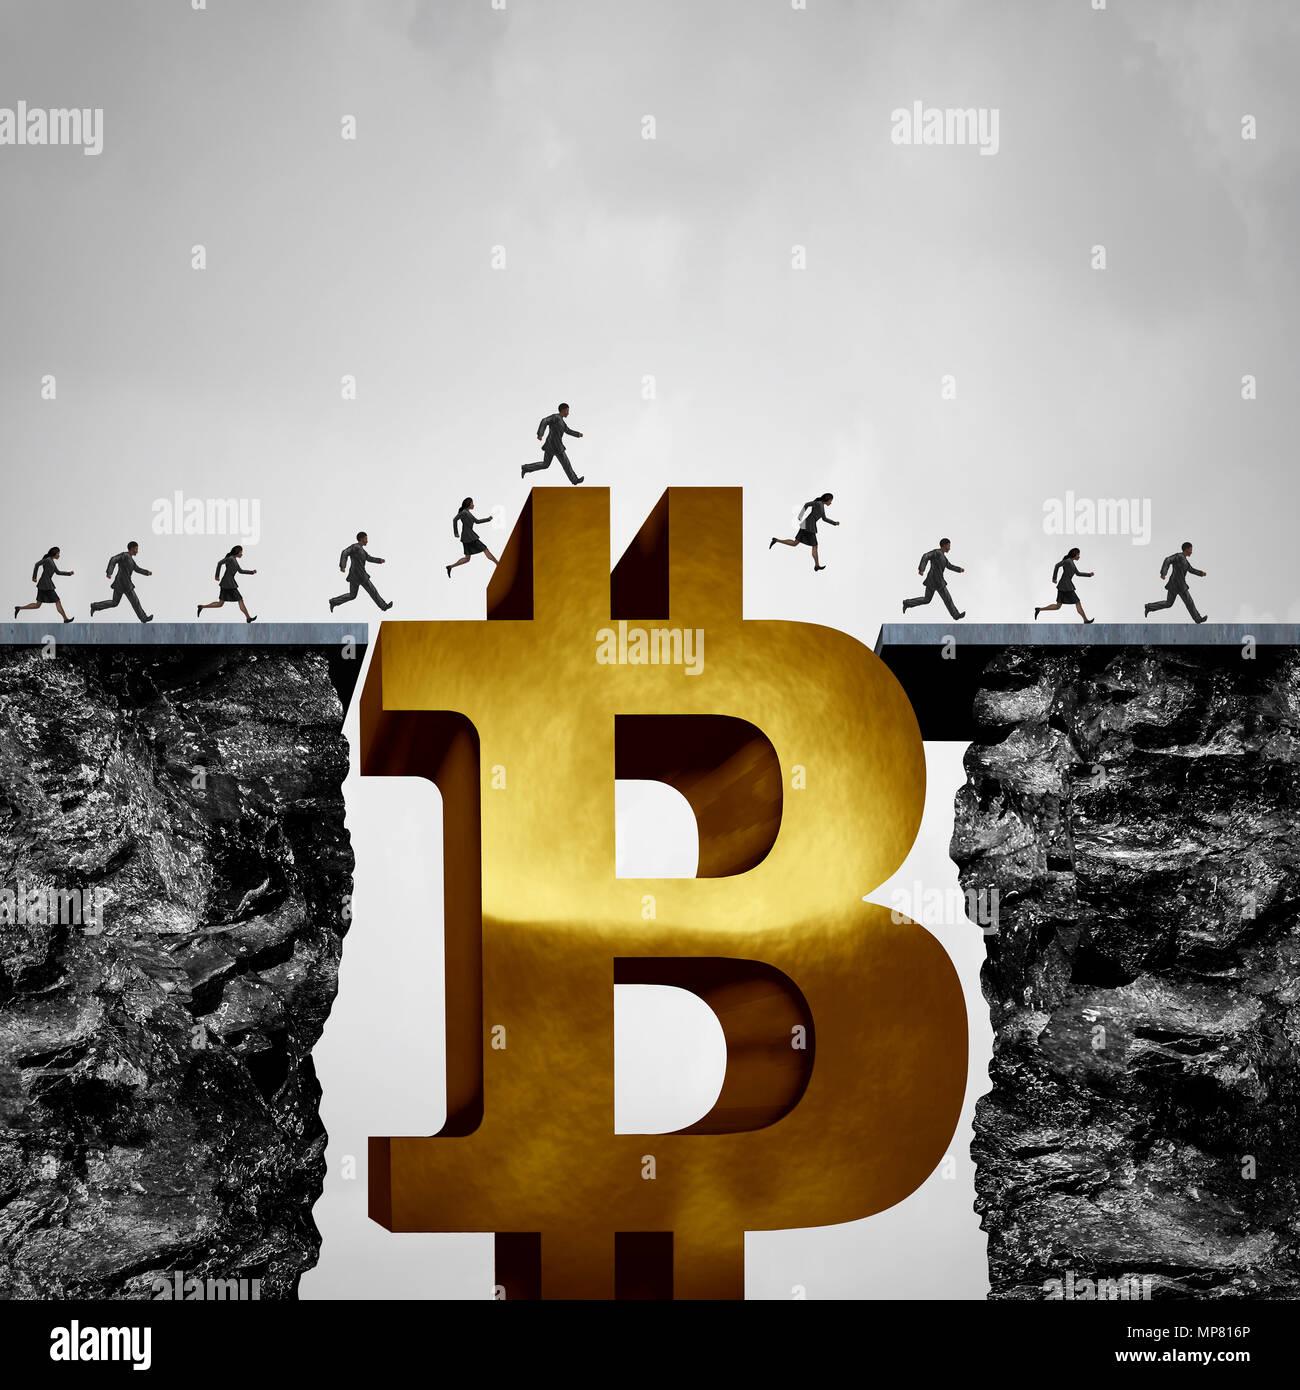 Bitcoin blockchain transfer Konzept und crypto Währung Gelegenheit Geschäftskonzept und cryptocurrency Lösung oder digitales Geld. Stockbild